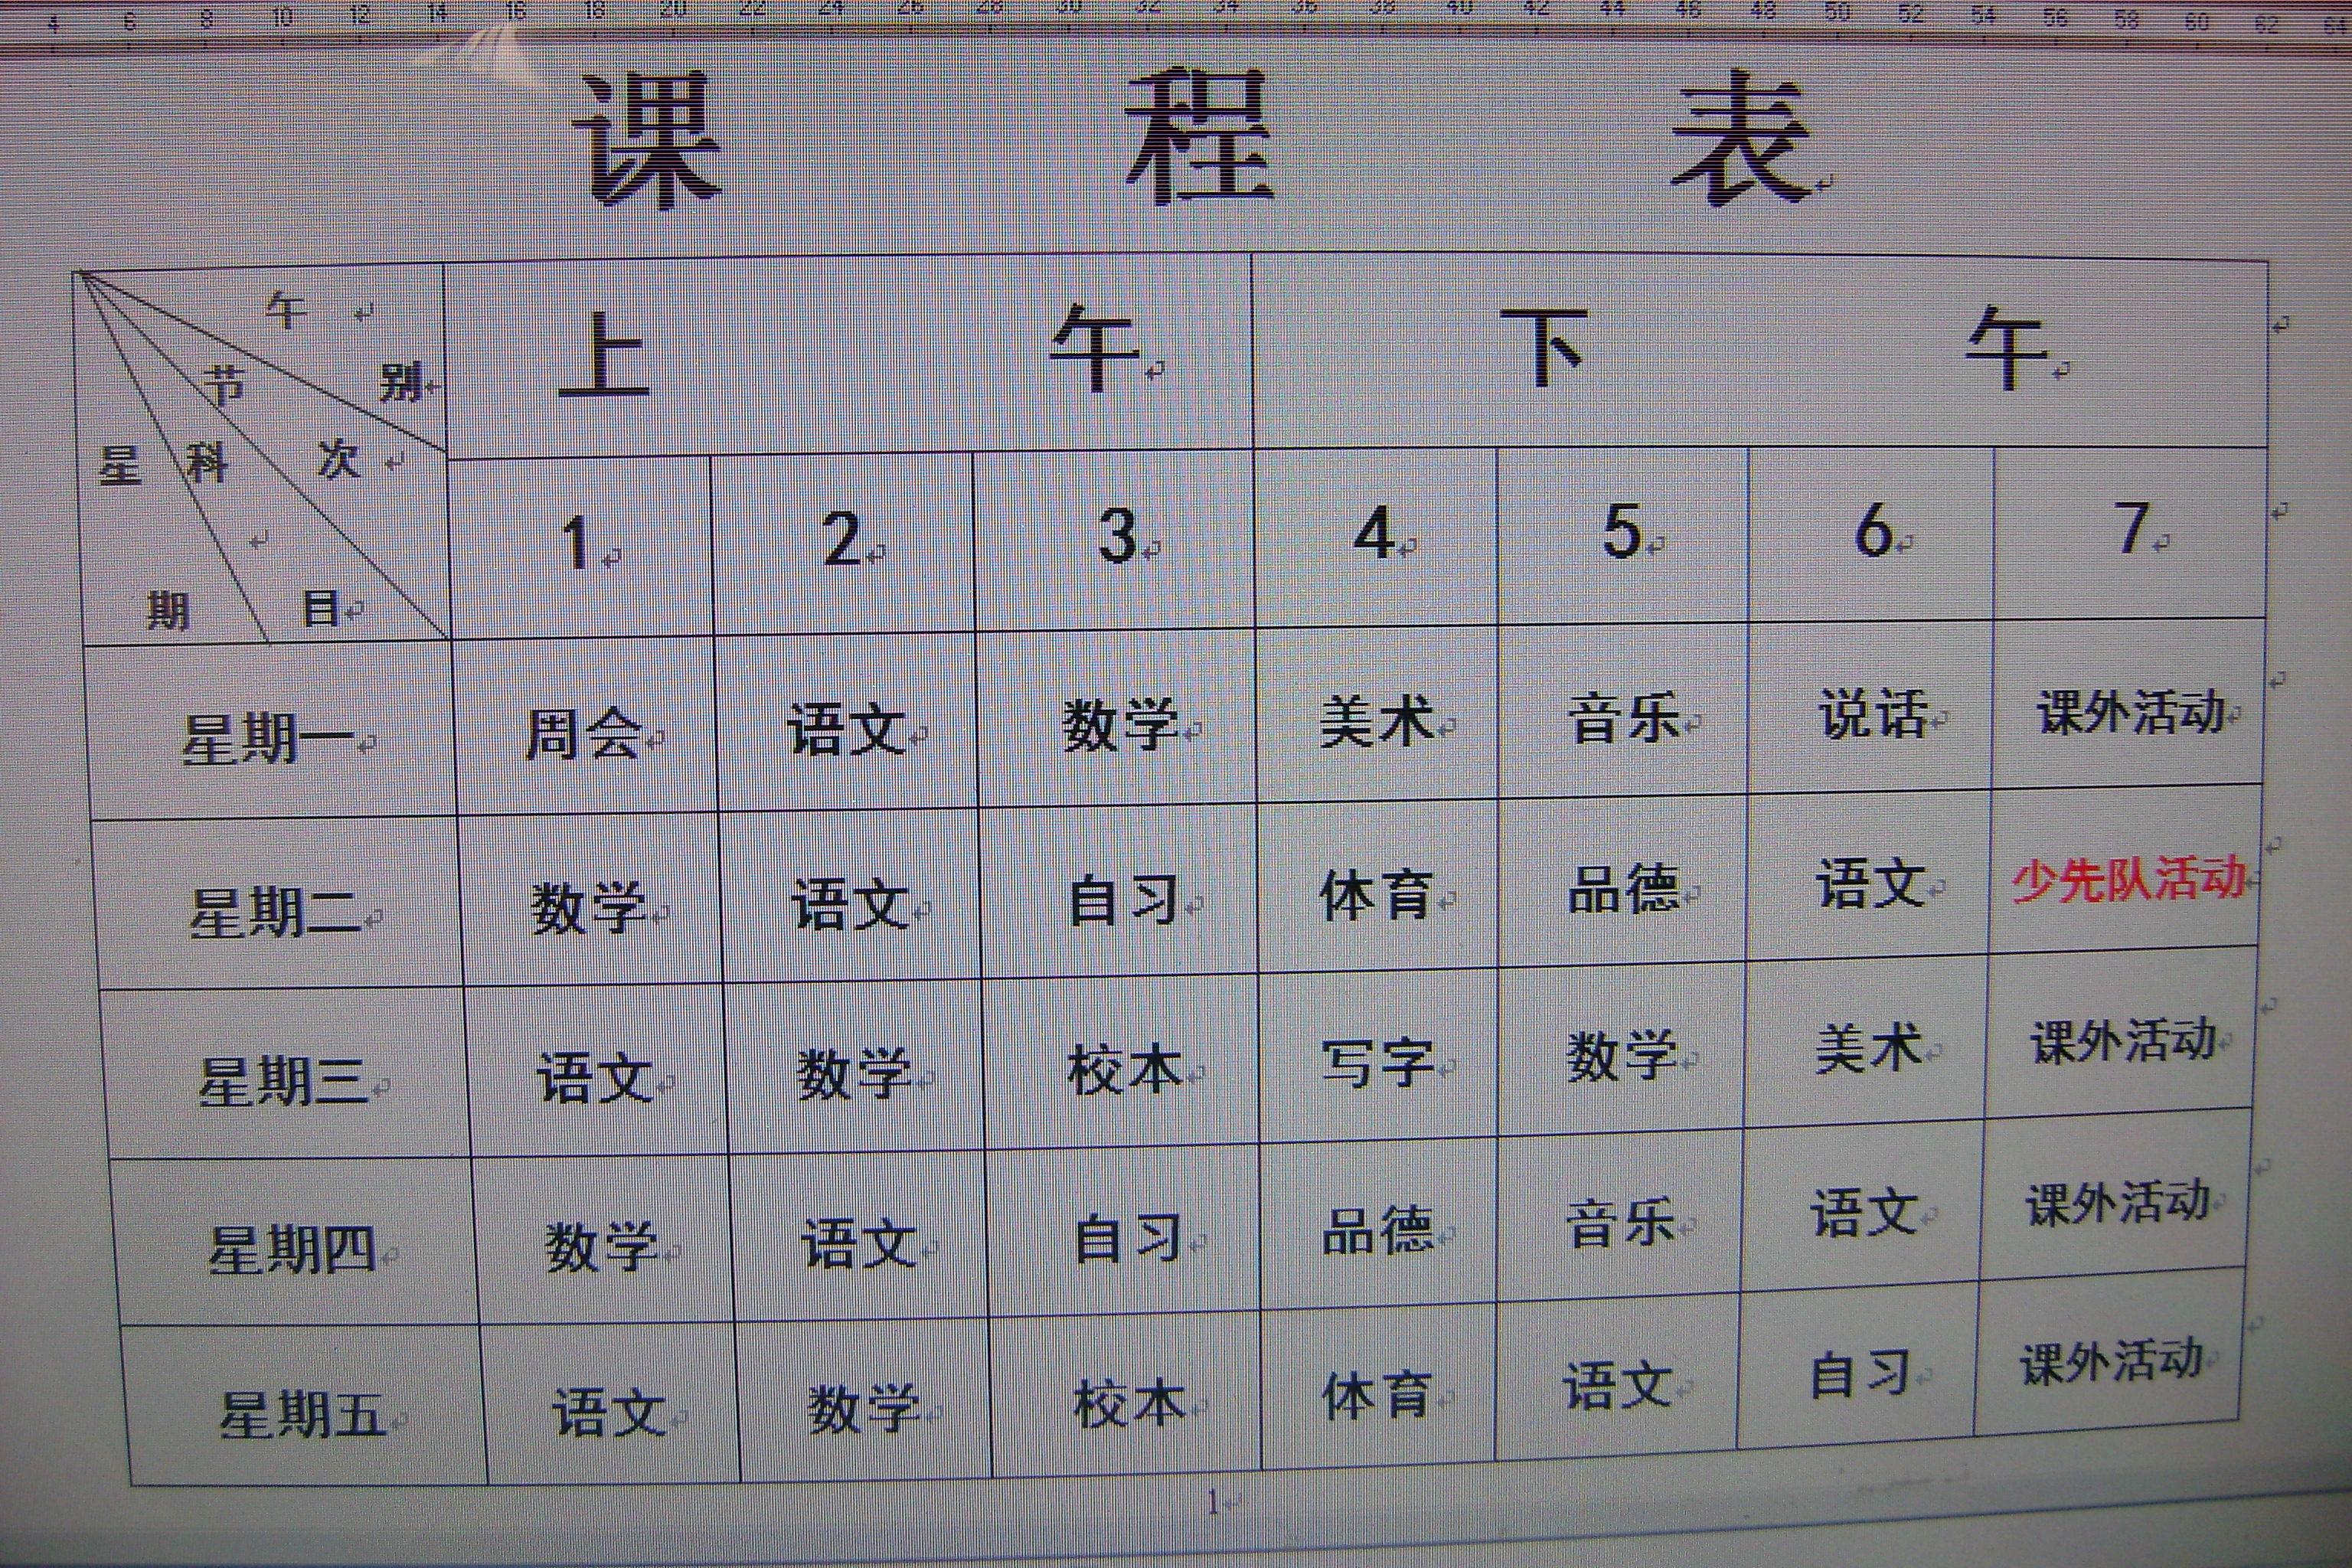 安阳小学一年级课程表